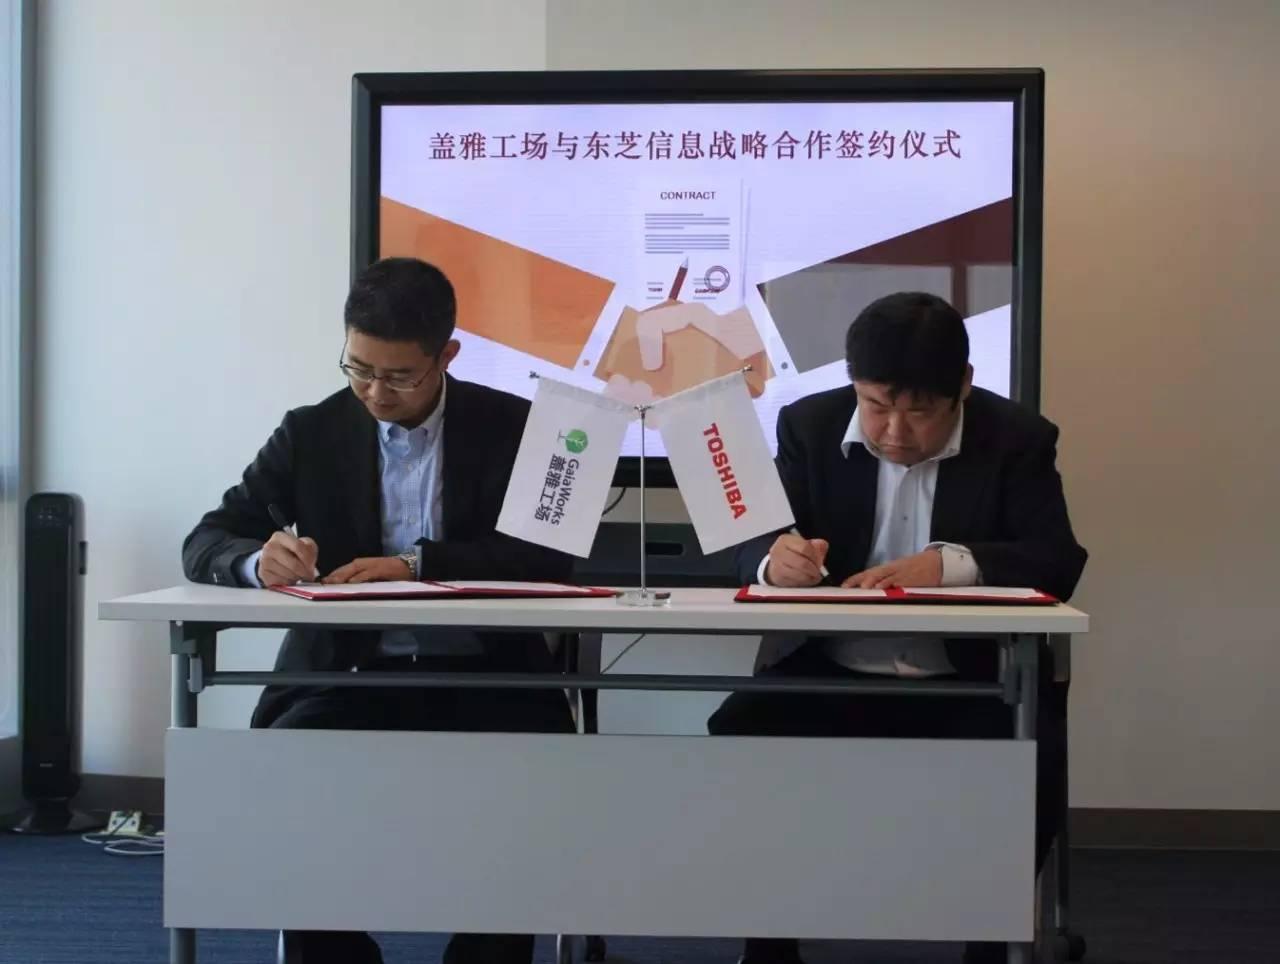 盖雅工场牵手东芝,达成战略合作协议